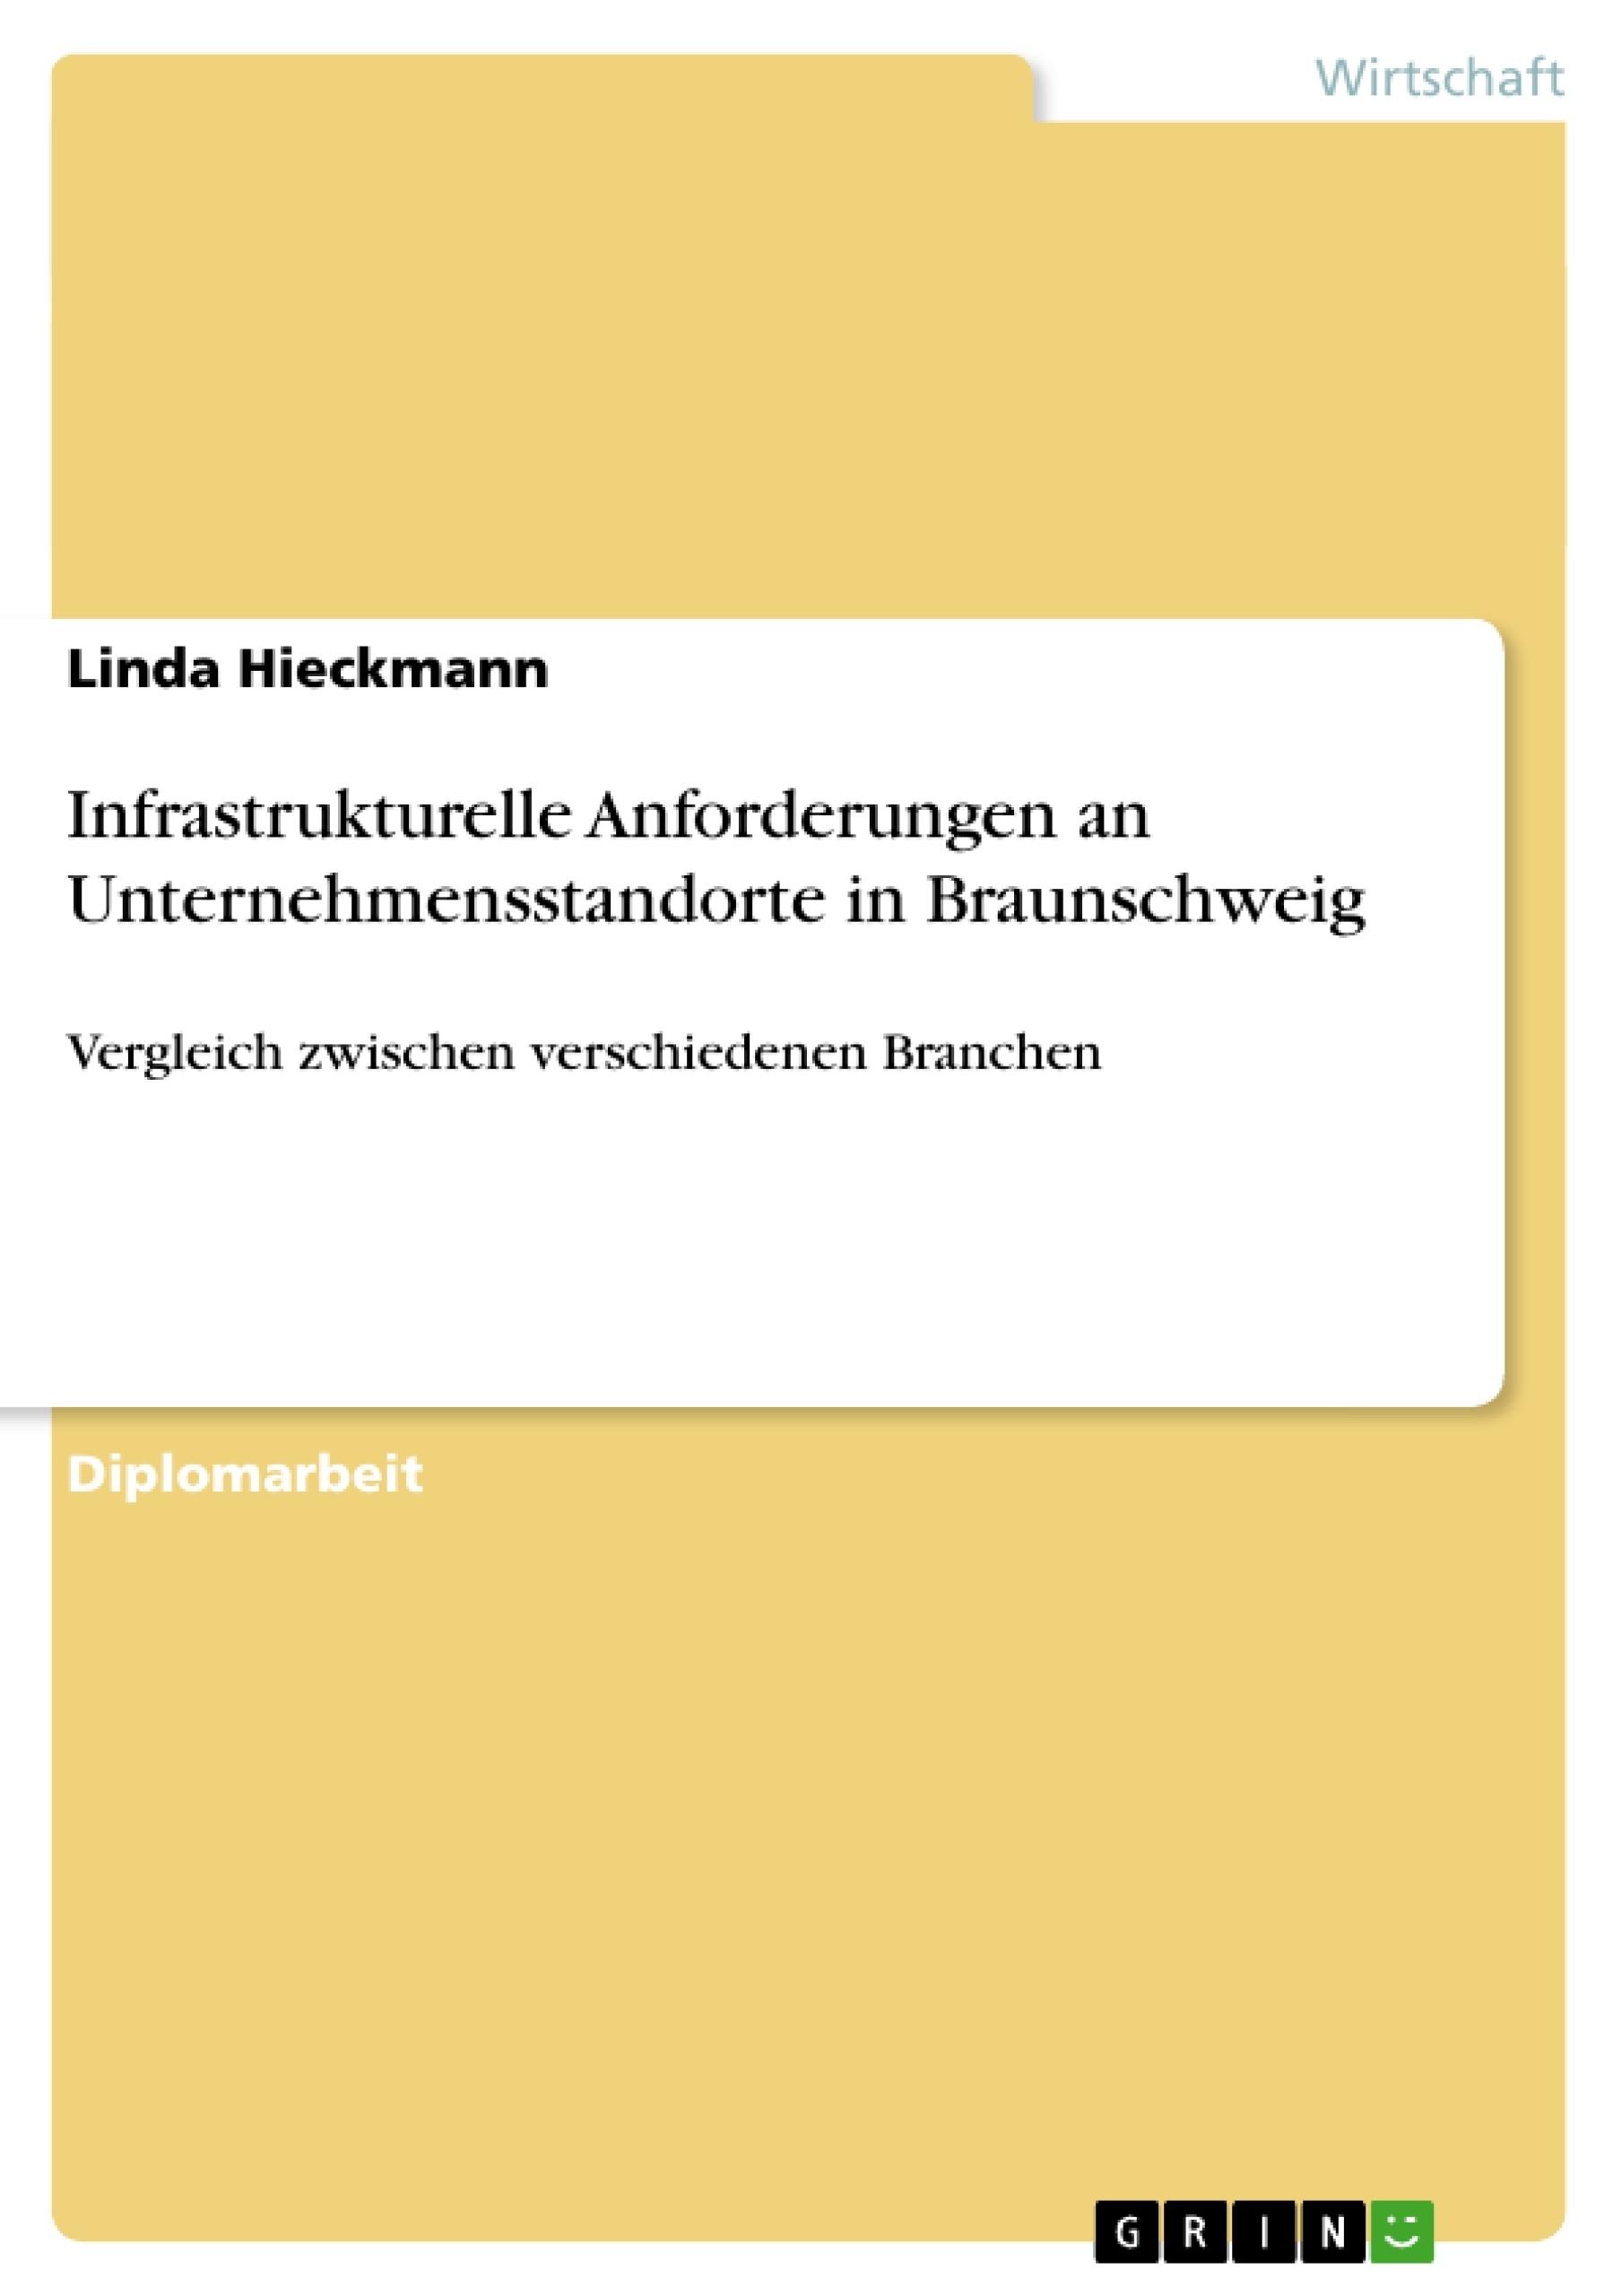 Titel: Infrastrukturelle Anforderungen an Unternehmensstandorte in Braunschweig